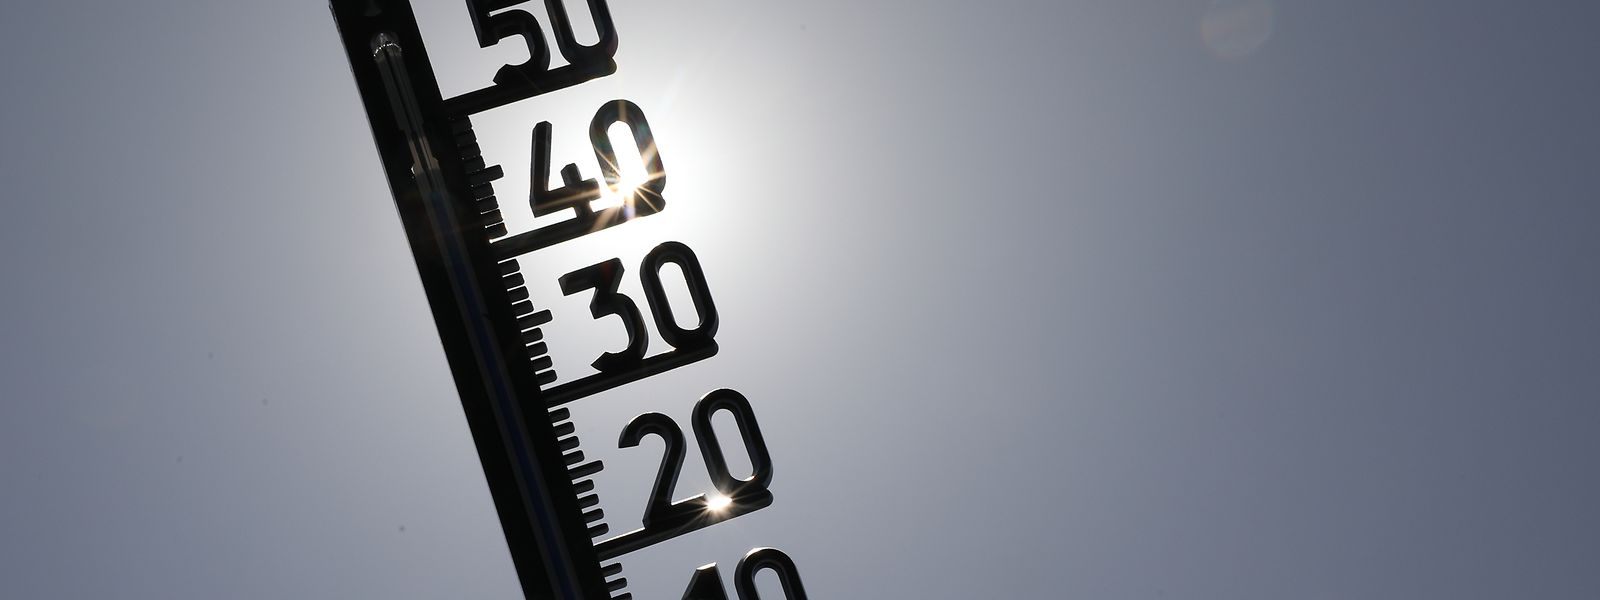 Am Dienstag wurden erstmals Temperaturen von über 35 Grad an einem Septembertag in Luxemburg festgestellt.